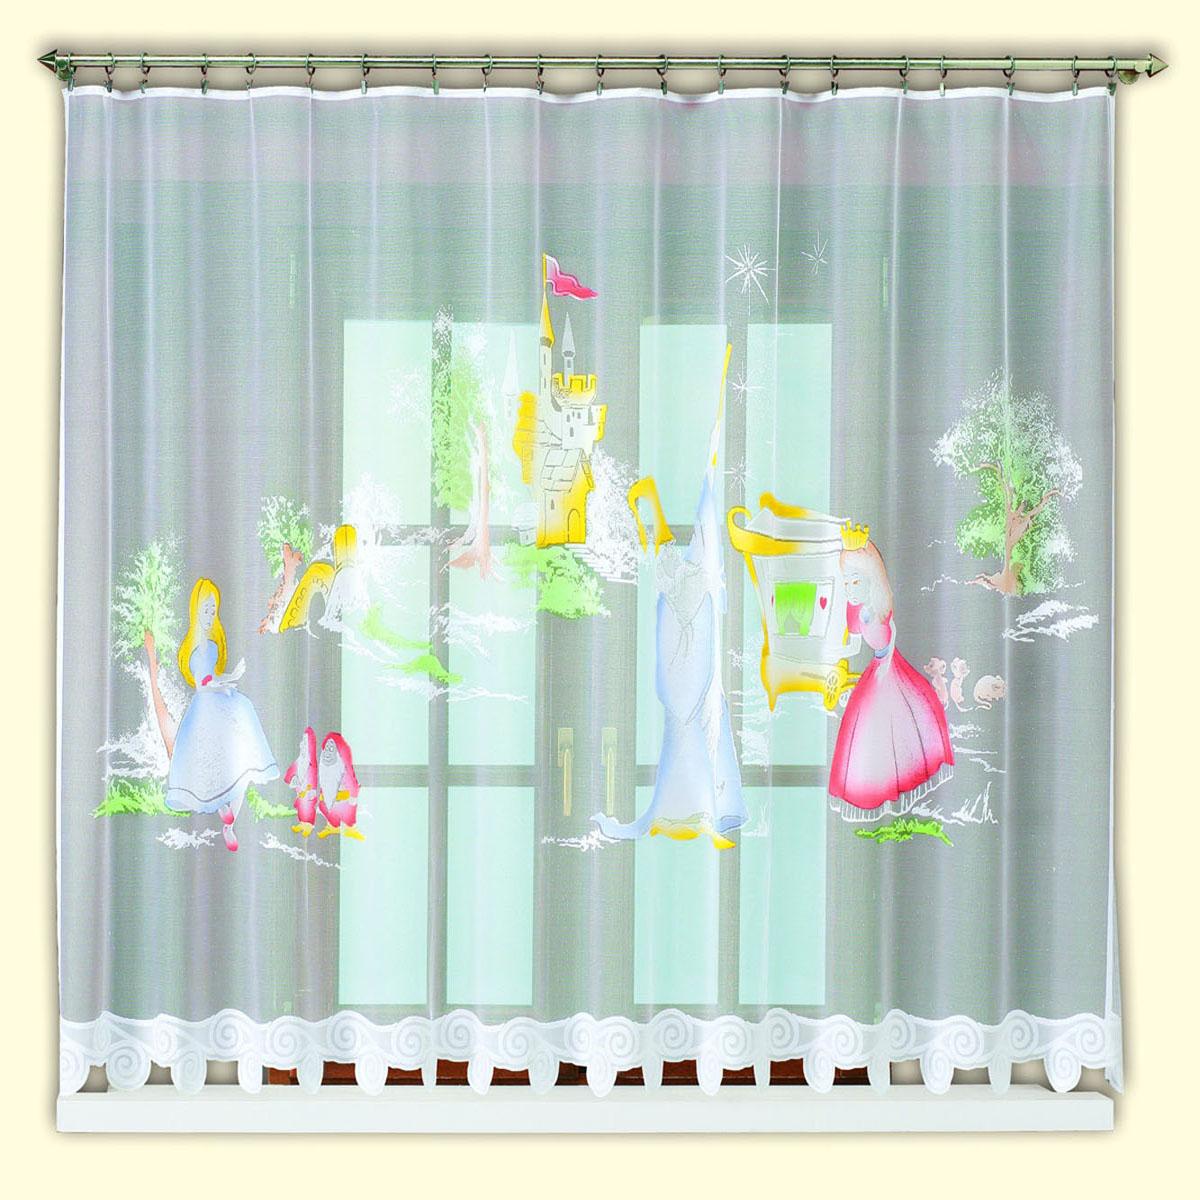 Гардина Haft, цвет: белый, ширина 300 см, высота 150 см. 42830/15042830/150жаккардовая гардина белого цвета в едсткую комнату девочки с цветным рисунком принцессы Размеры: высота 150см*ширина 300см